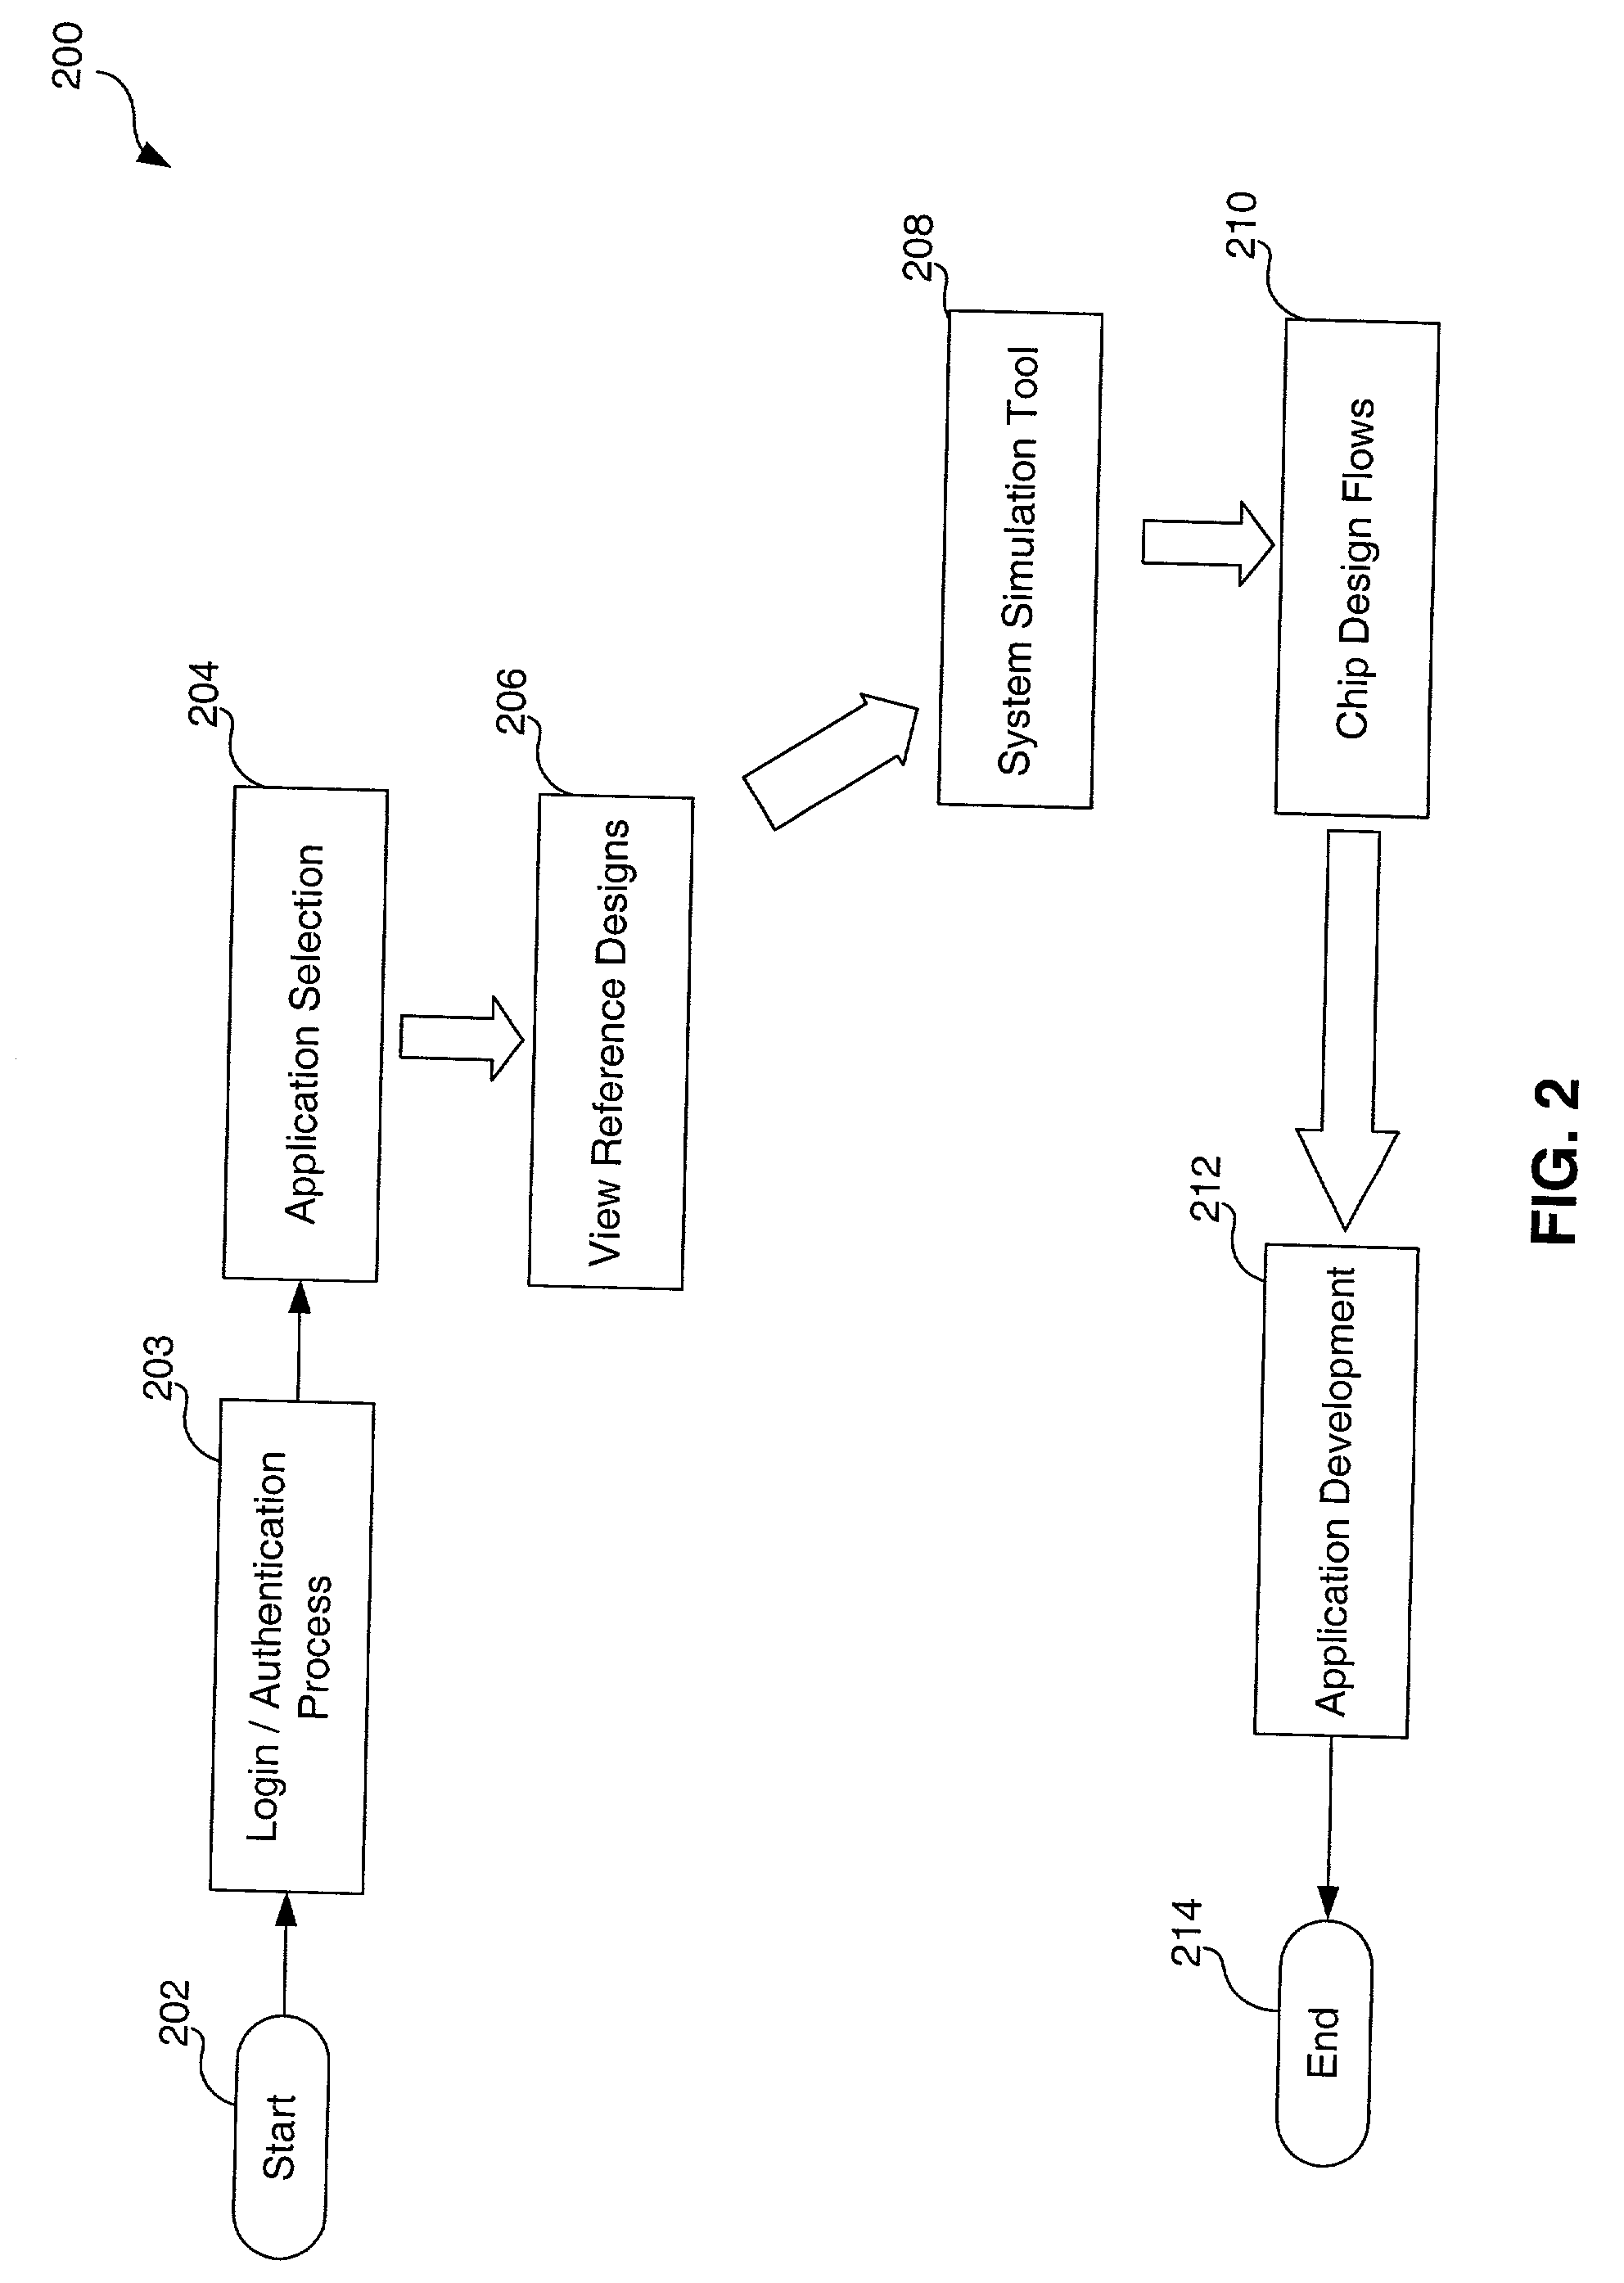 patent us20020144212